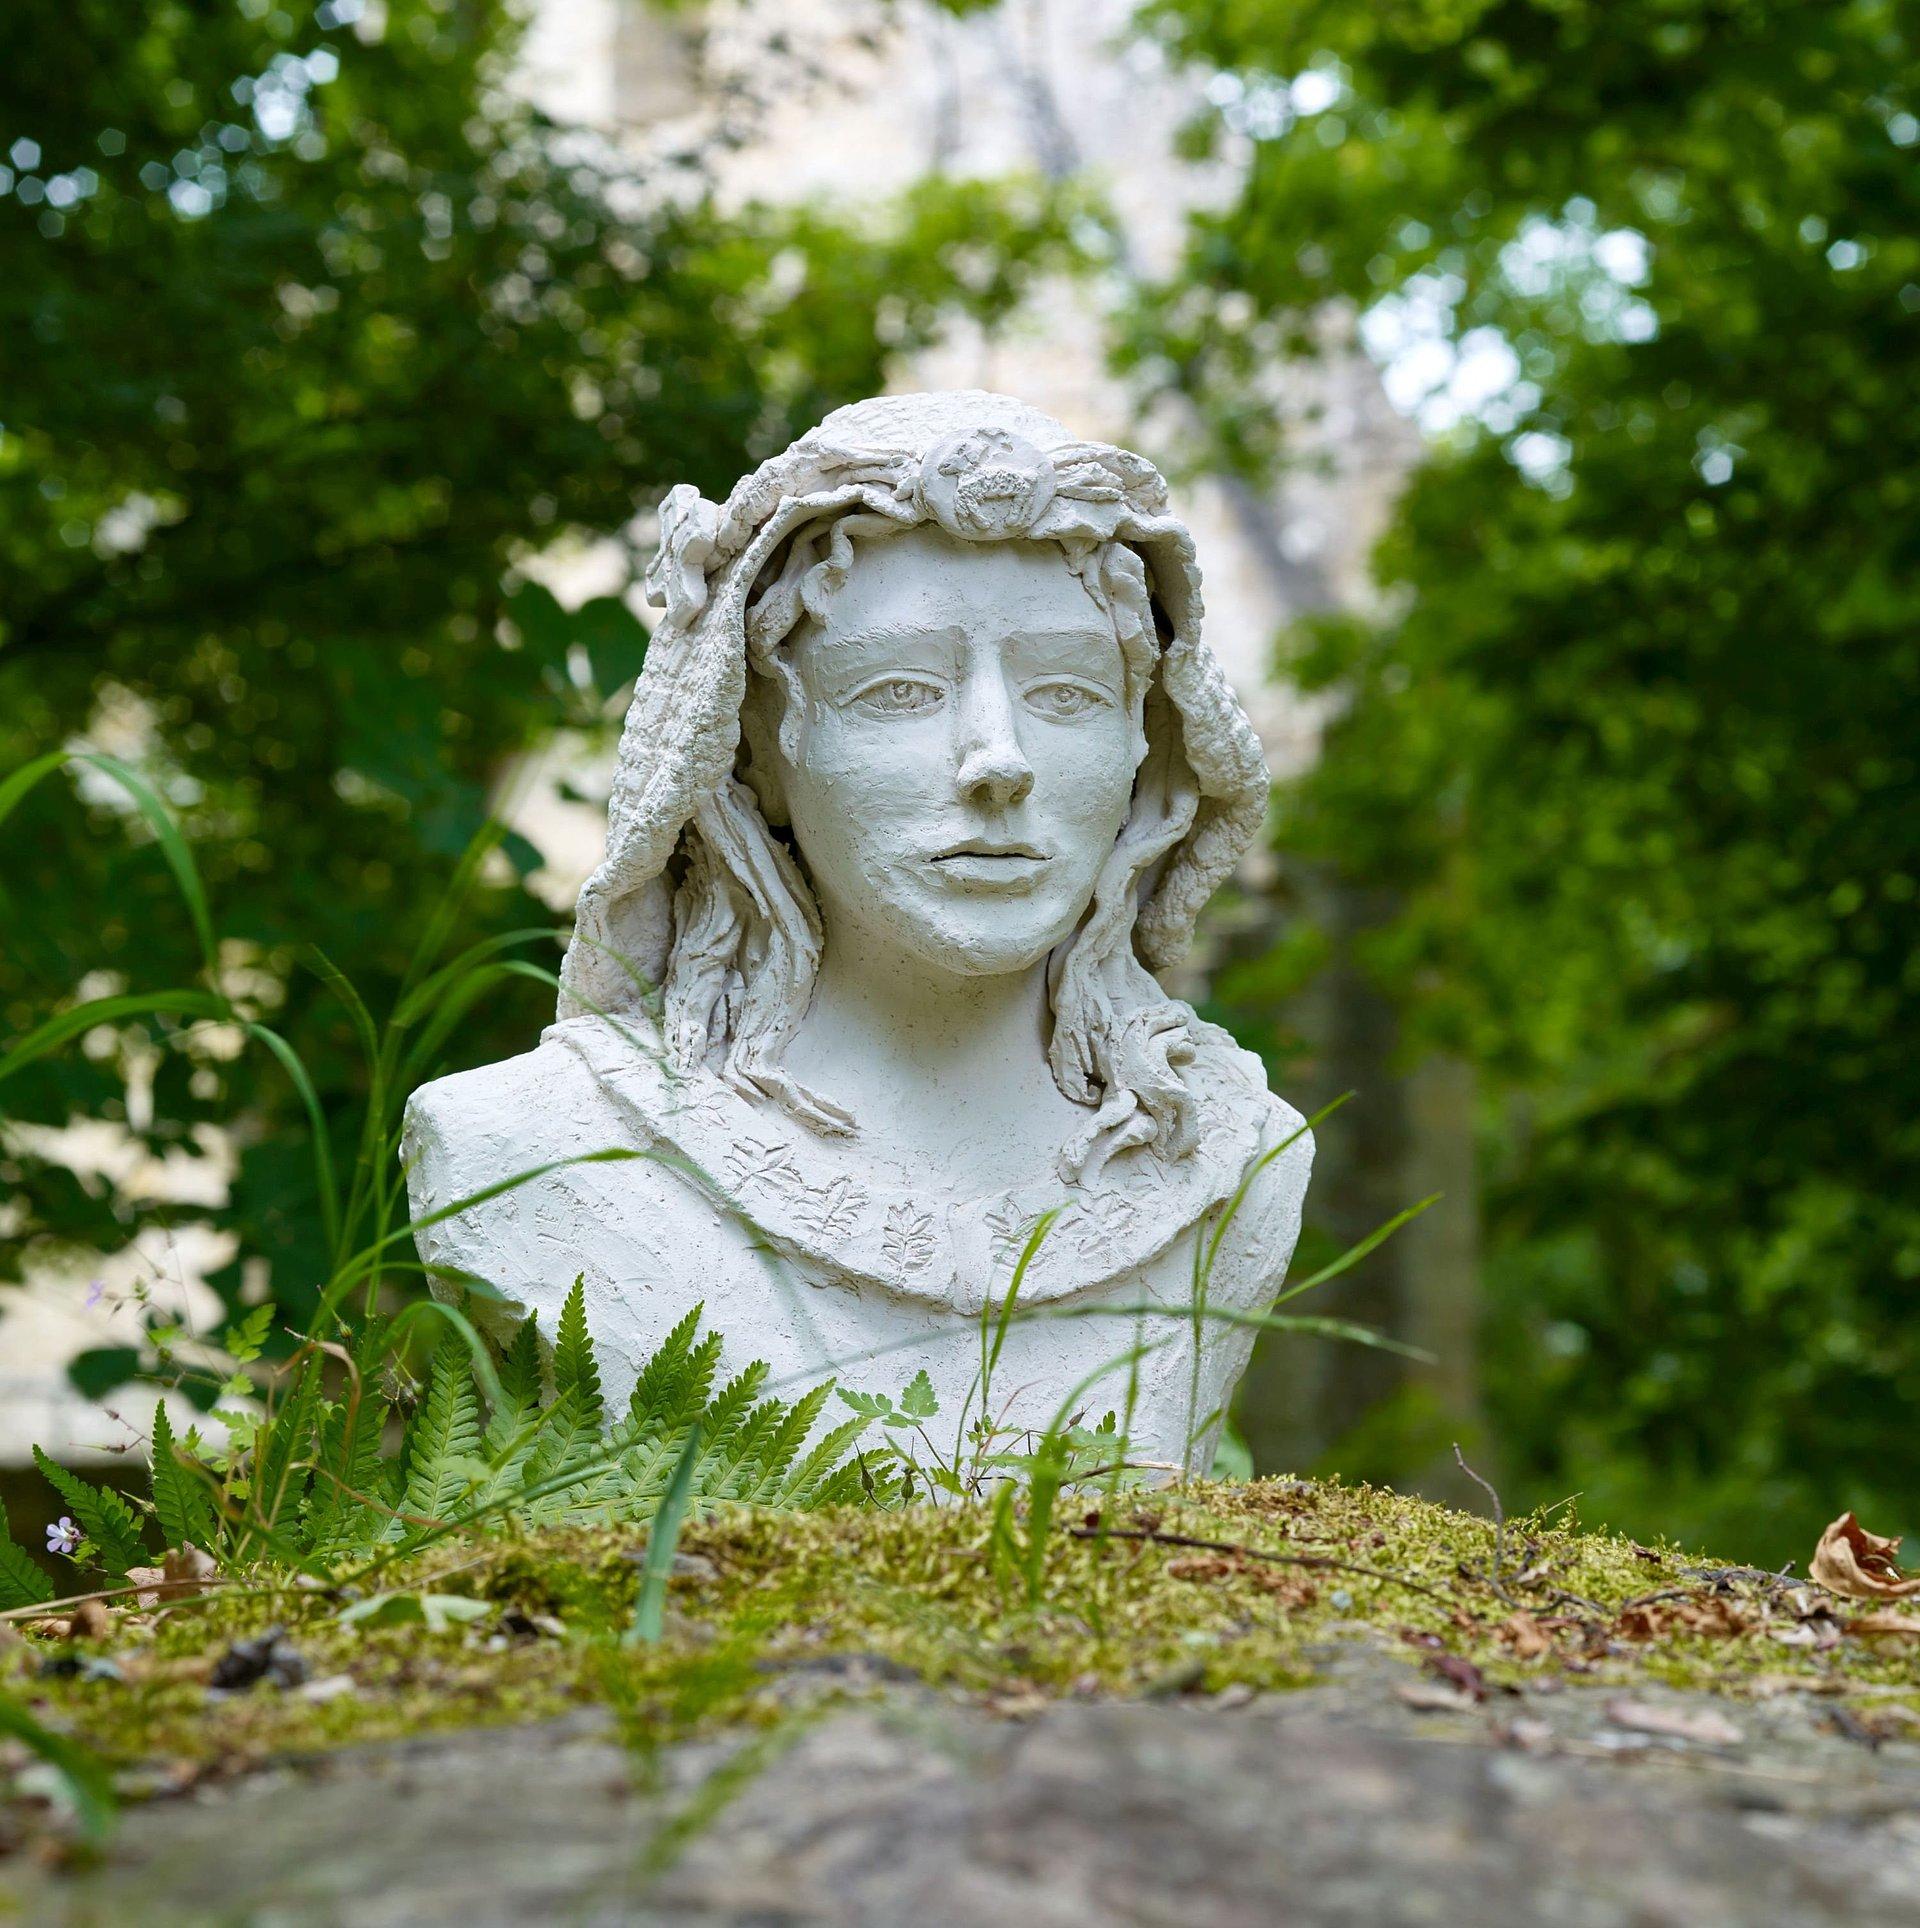 Büste der Hildegard von Bingen in Bingen, Nahe /Rheinhessen